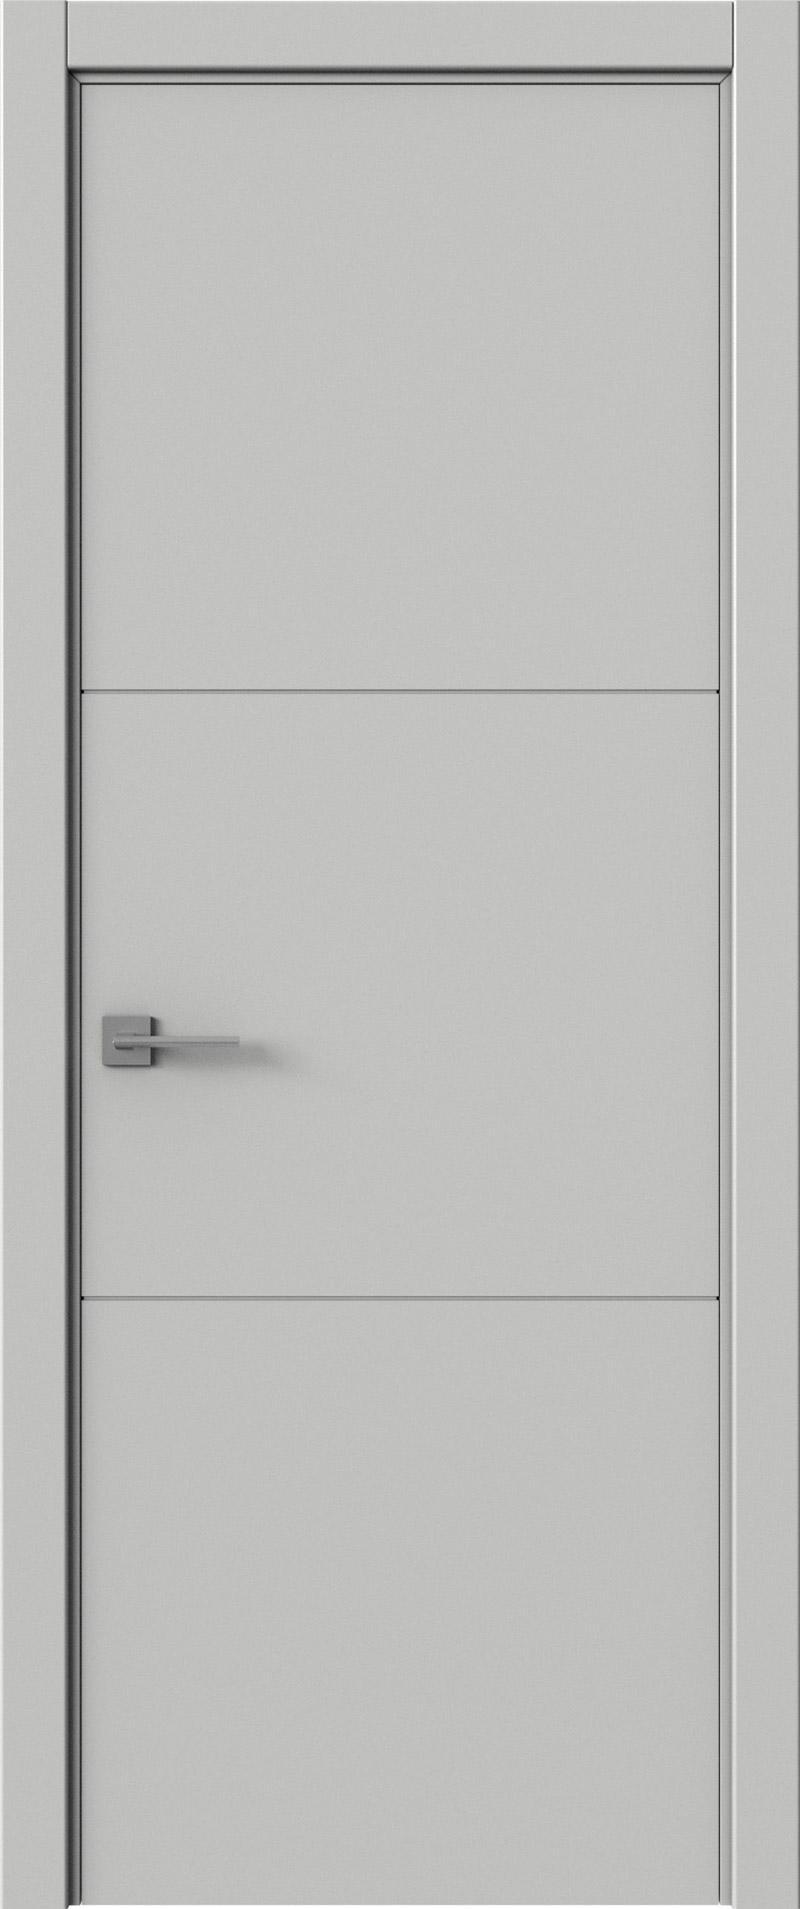 Tivoli В-2 цвет - Серая эмаль (RAL 7047) Без стекла (ДГ)